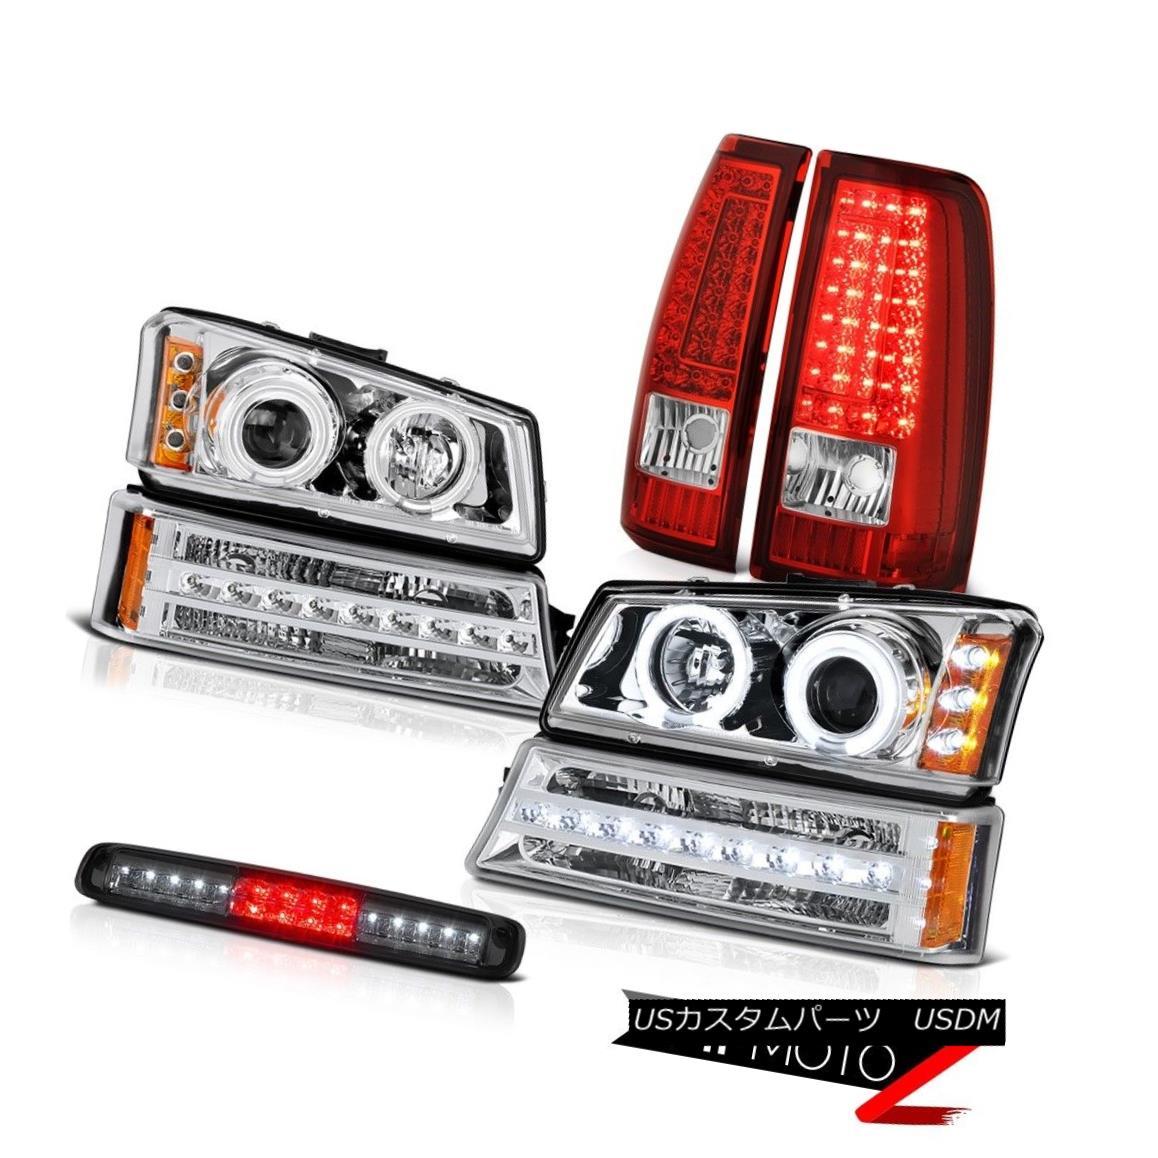 ヘッドライト 2003-2006 Silverado 1500 Smokey Roof Cargo Lamp Taillamps Turn Signal Headlights 2003-2006シルバラード1500スモーキールーフカーゴランプタイルランプターンシグナルヘッドライト